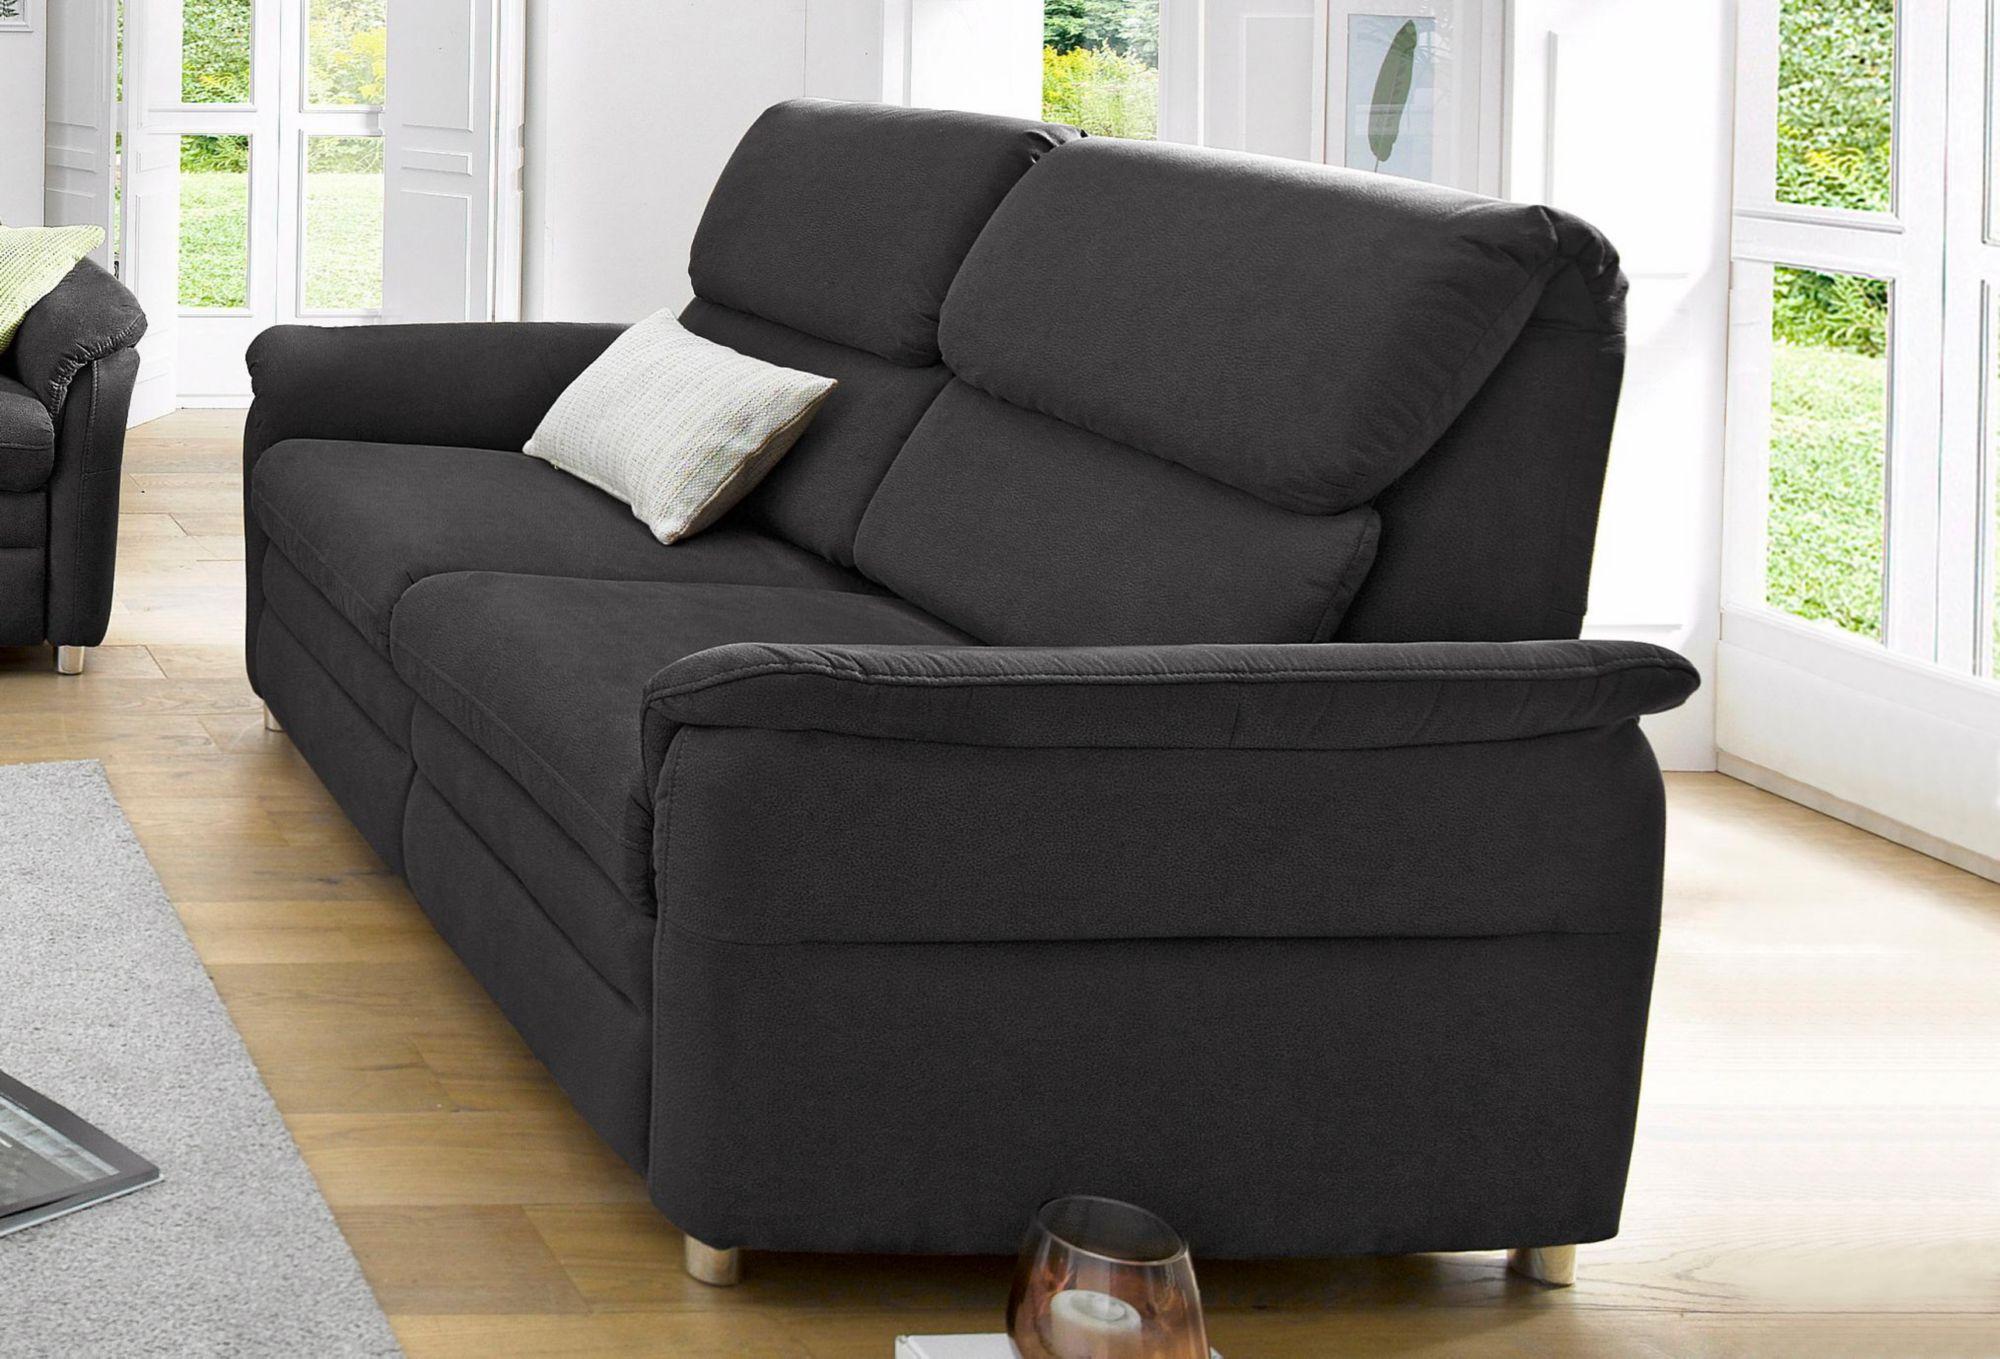 RAUMID RAUM.ID 3-Sitzer, wahlweise mit Relaxfunktion und Rückenverstellung